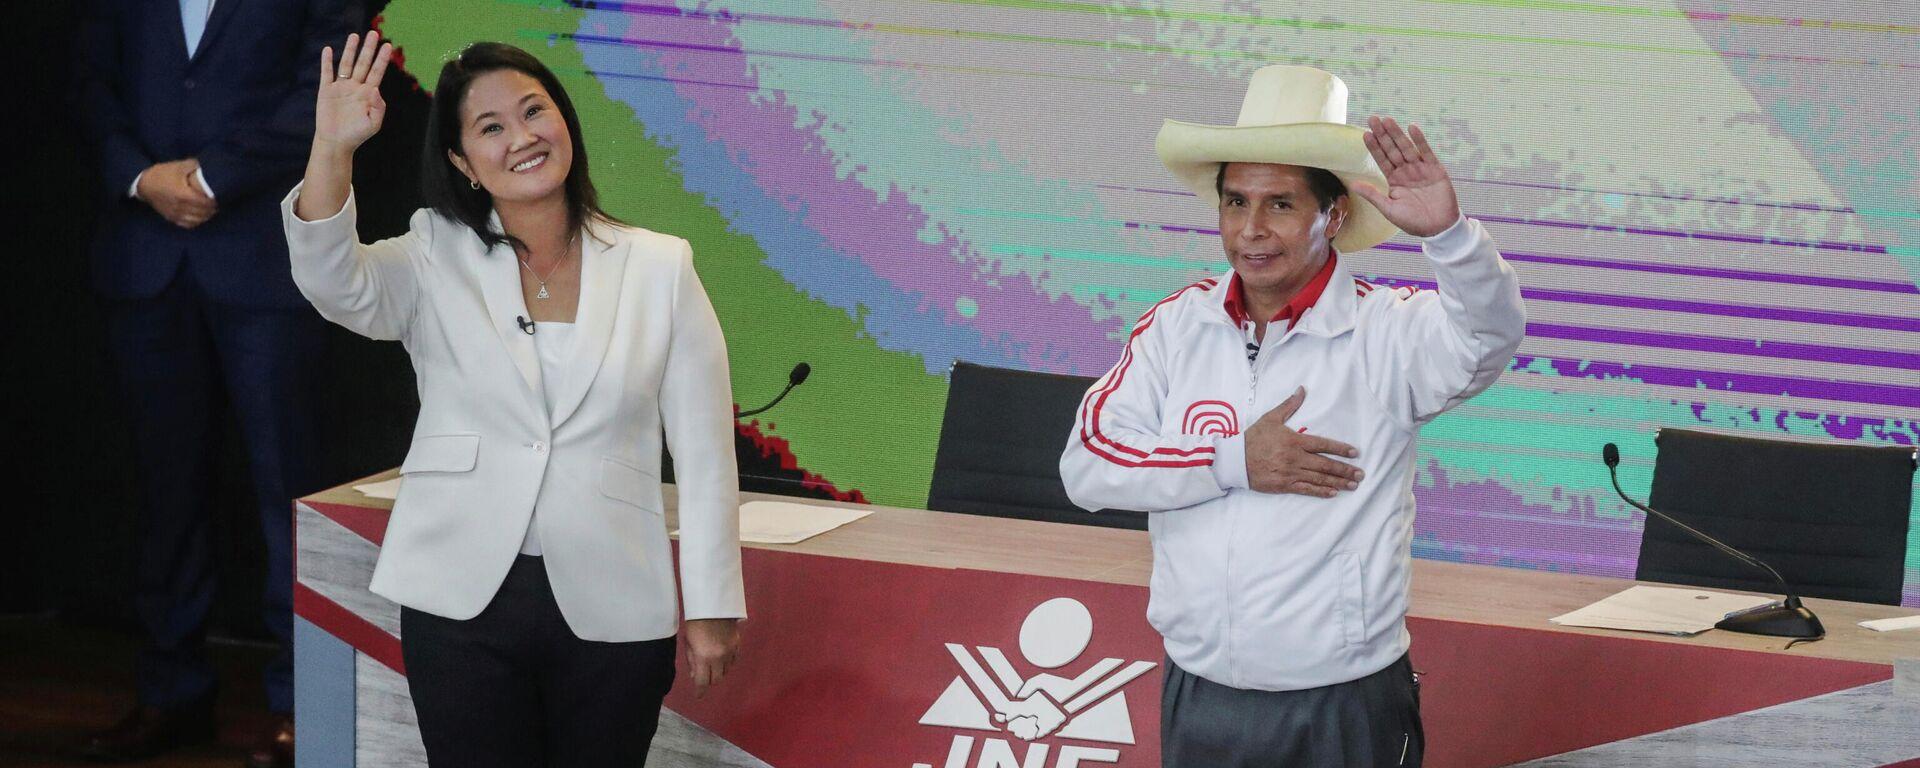 Los candidatos Keiko Fujimori (Fuerza Popular, derecha) Y Pedro Castillo (Perú Libre, izquierda) - Sputnik Mundo, 1920, 06.06.2021